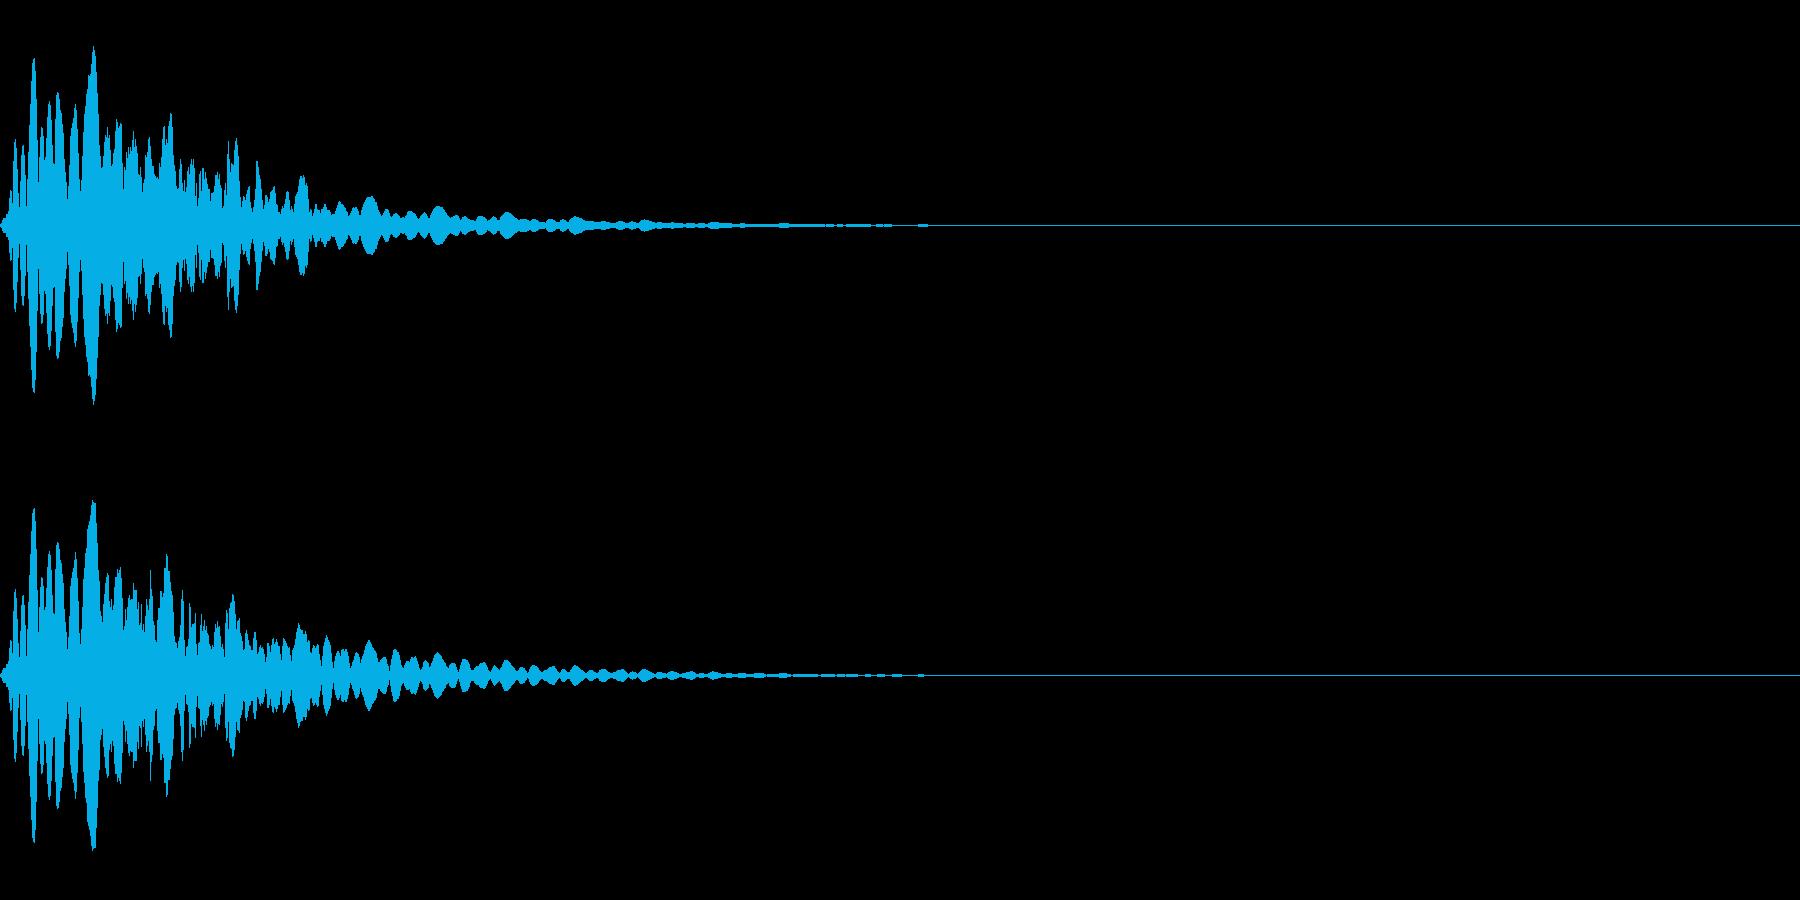 パチンコで鳴りそうなキュイーンの再生済みの波形